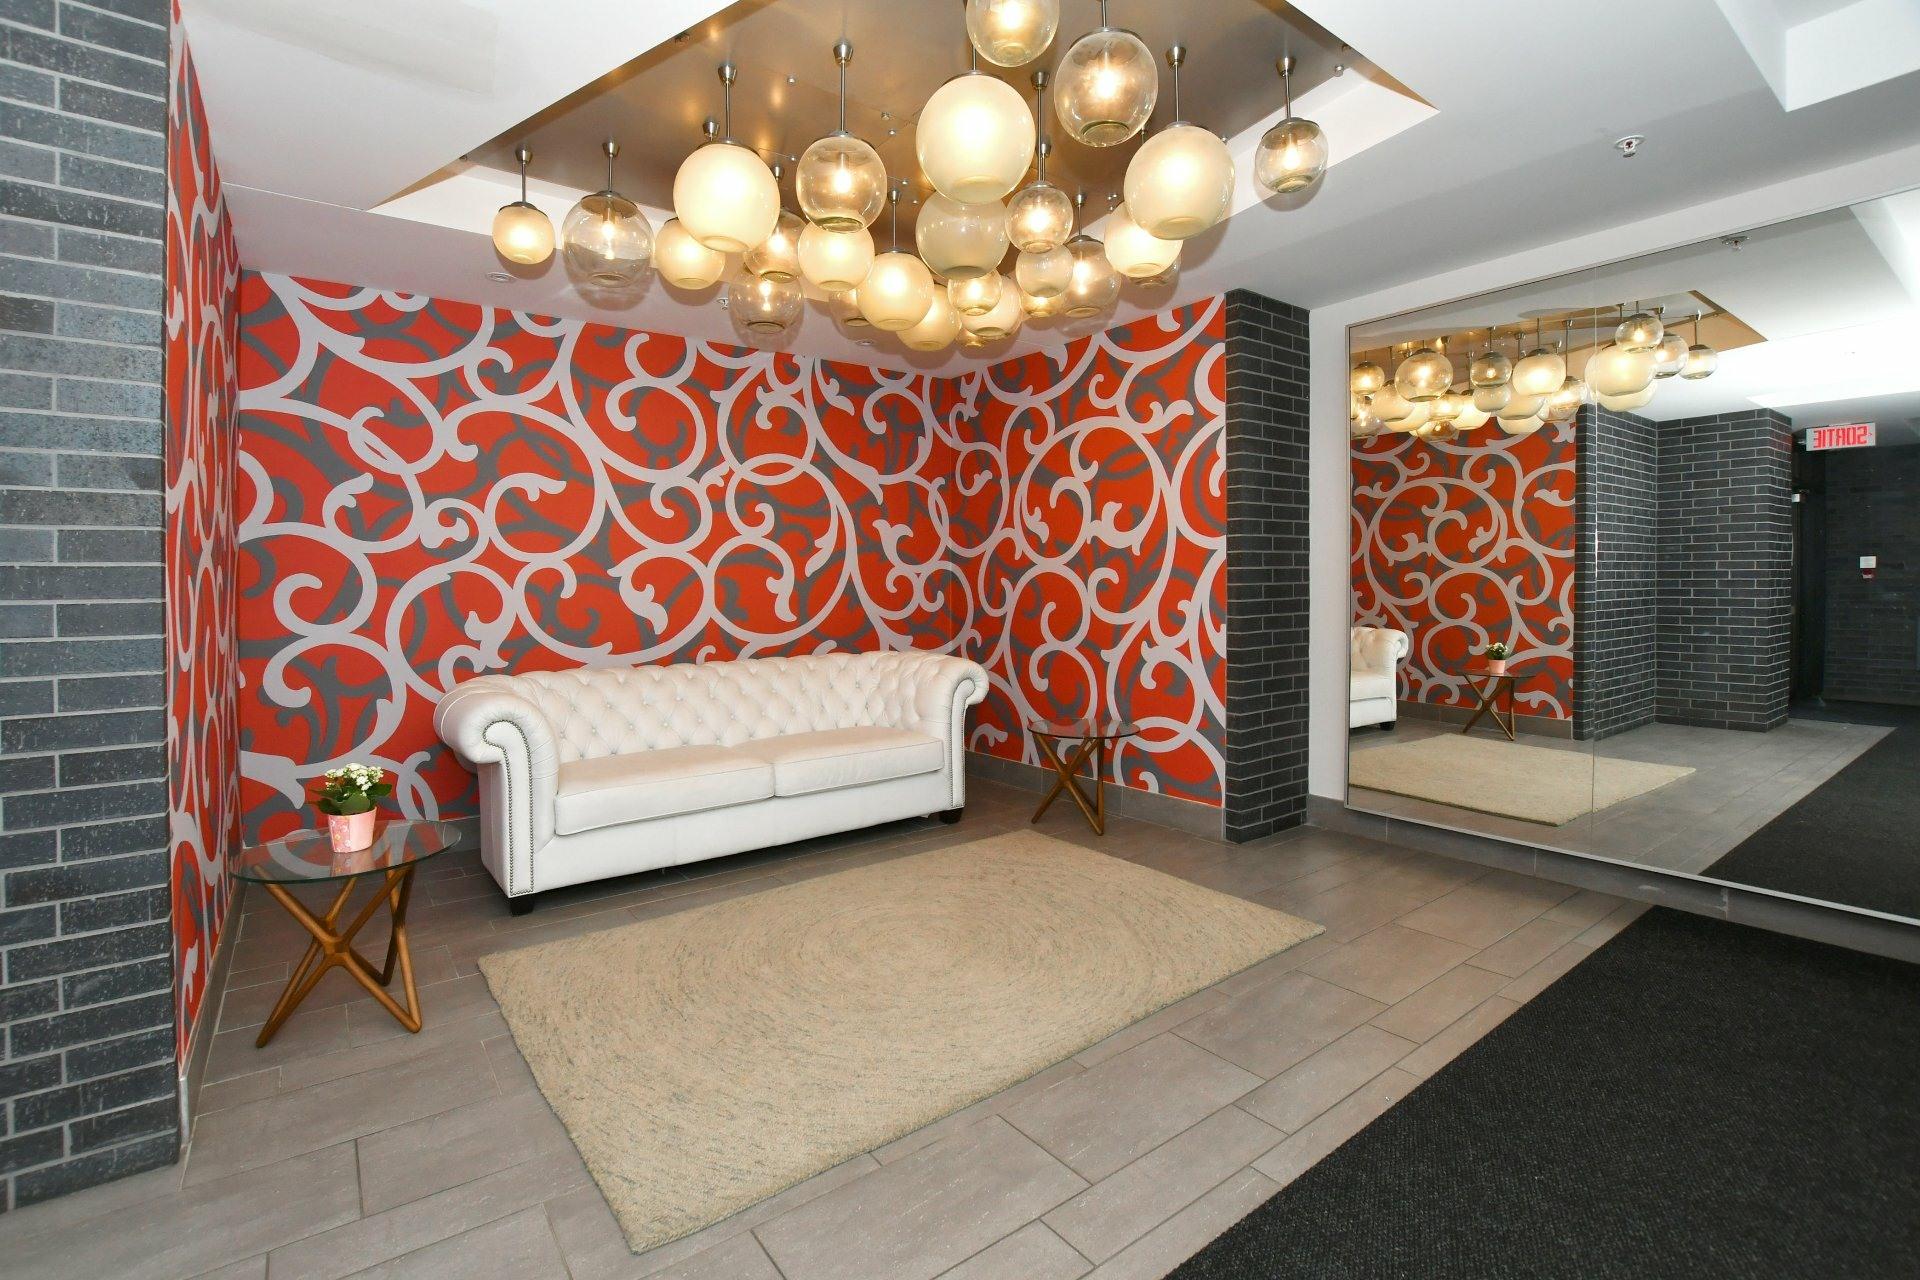 image 21 - Apartment For rent Côte-des-Neiges/Notre-Dame-de-Grâce Montréal  - 4 rooms